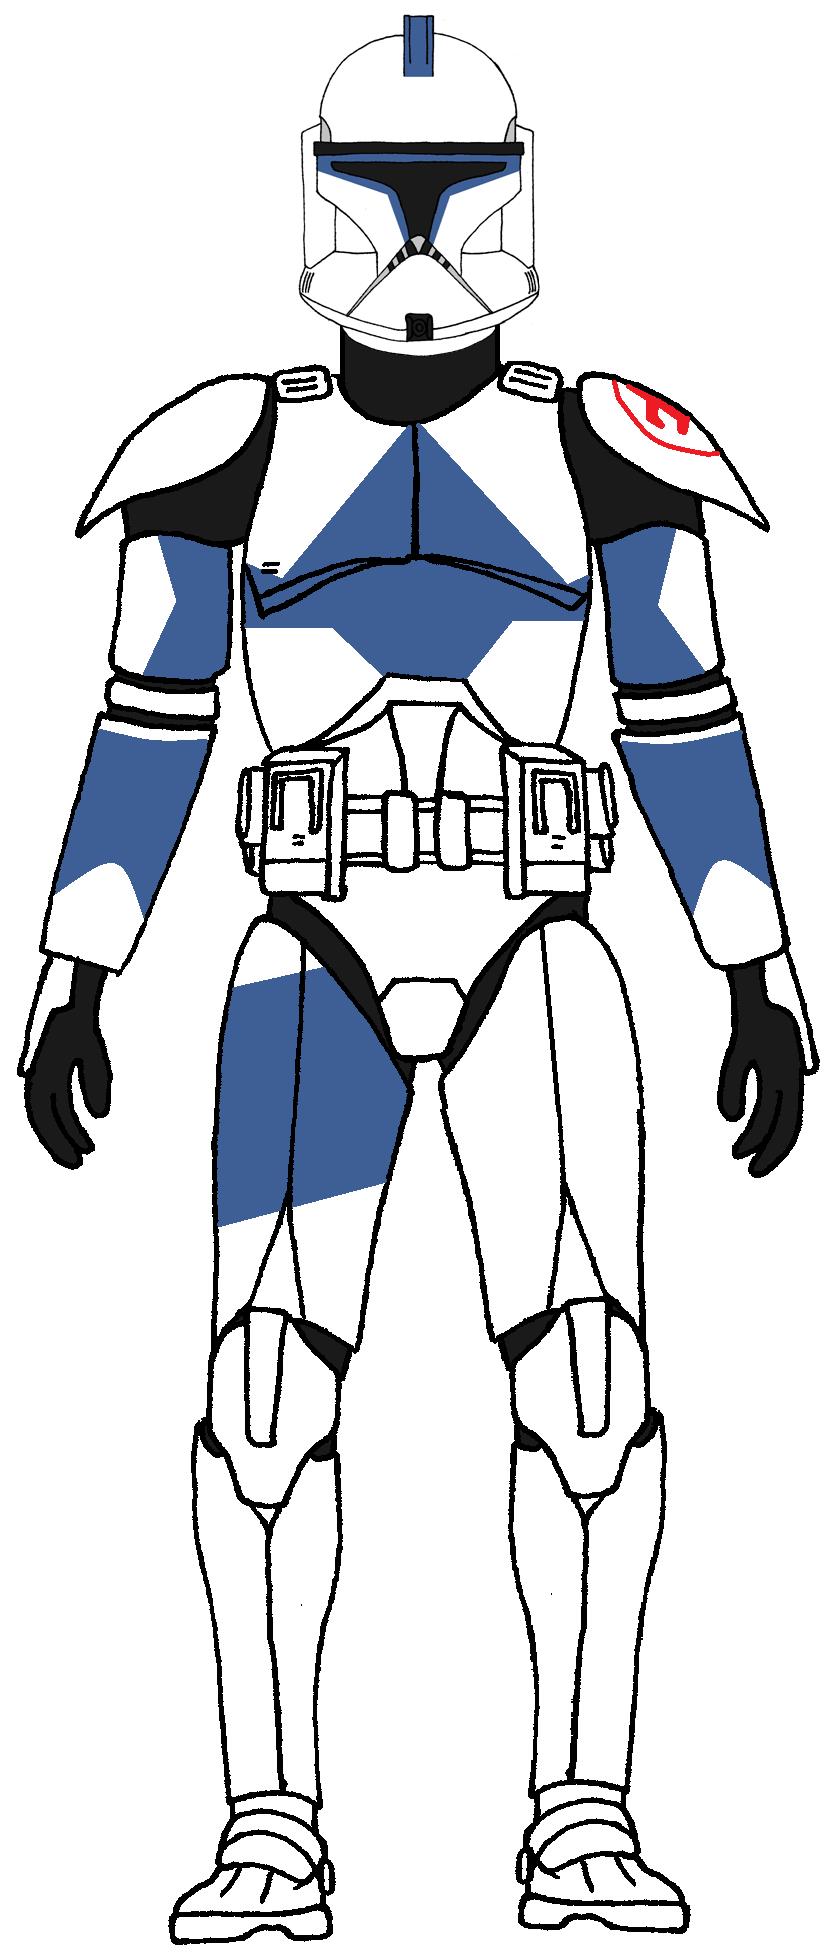 Clone Trooper 501st Legion Kix 1 Star Wars Clone Wars Star Wars Trooper Star Wars Drawings